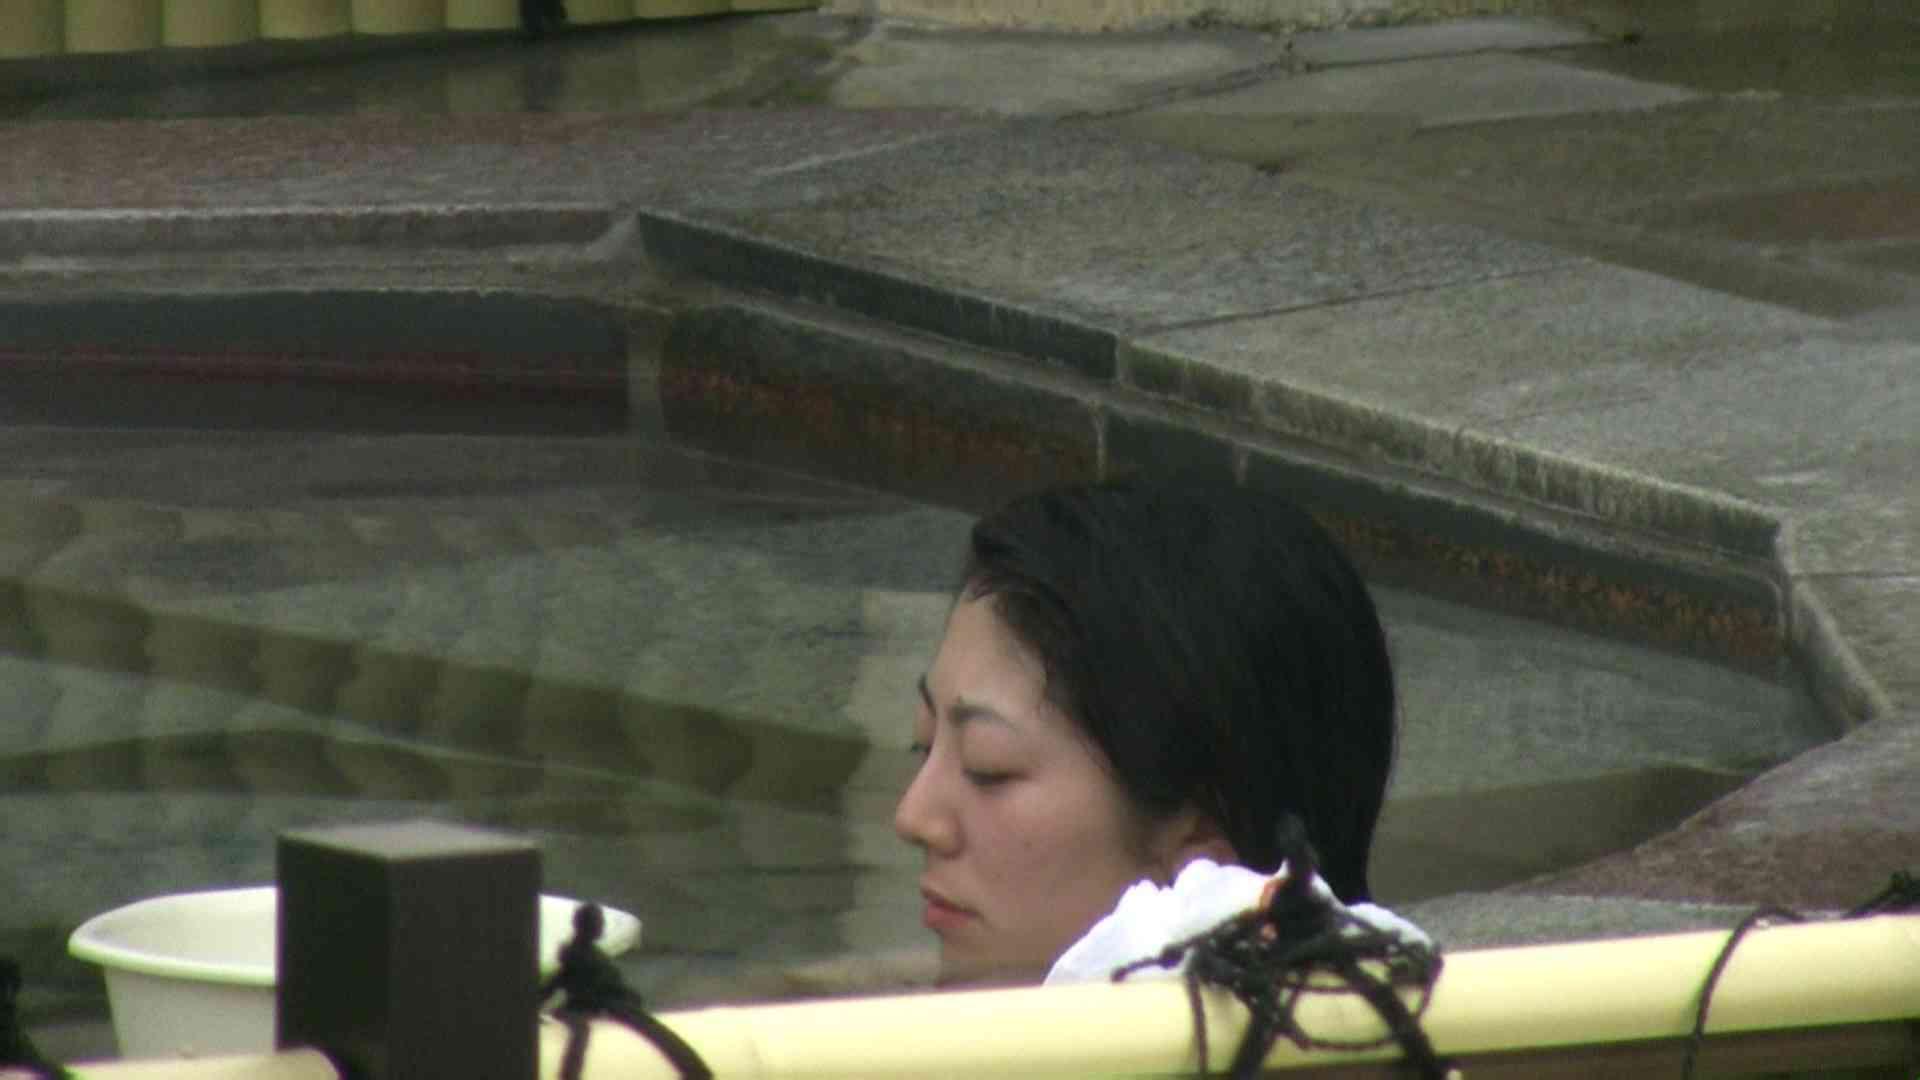 Aquaな露天風呂Vol.04 0  84pic 75